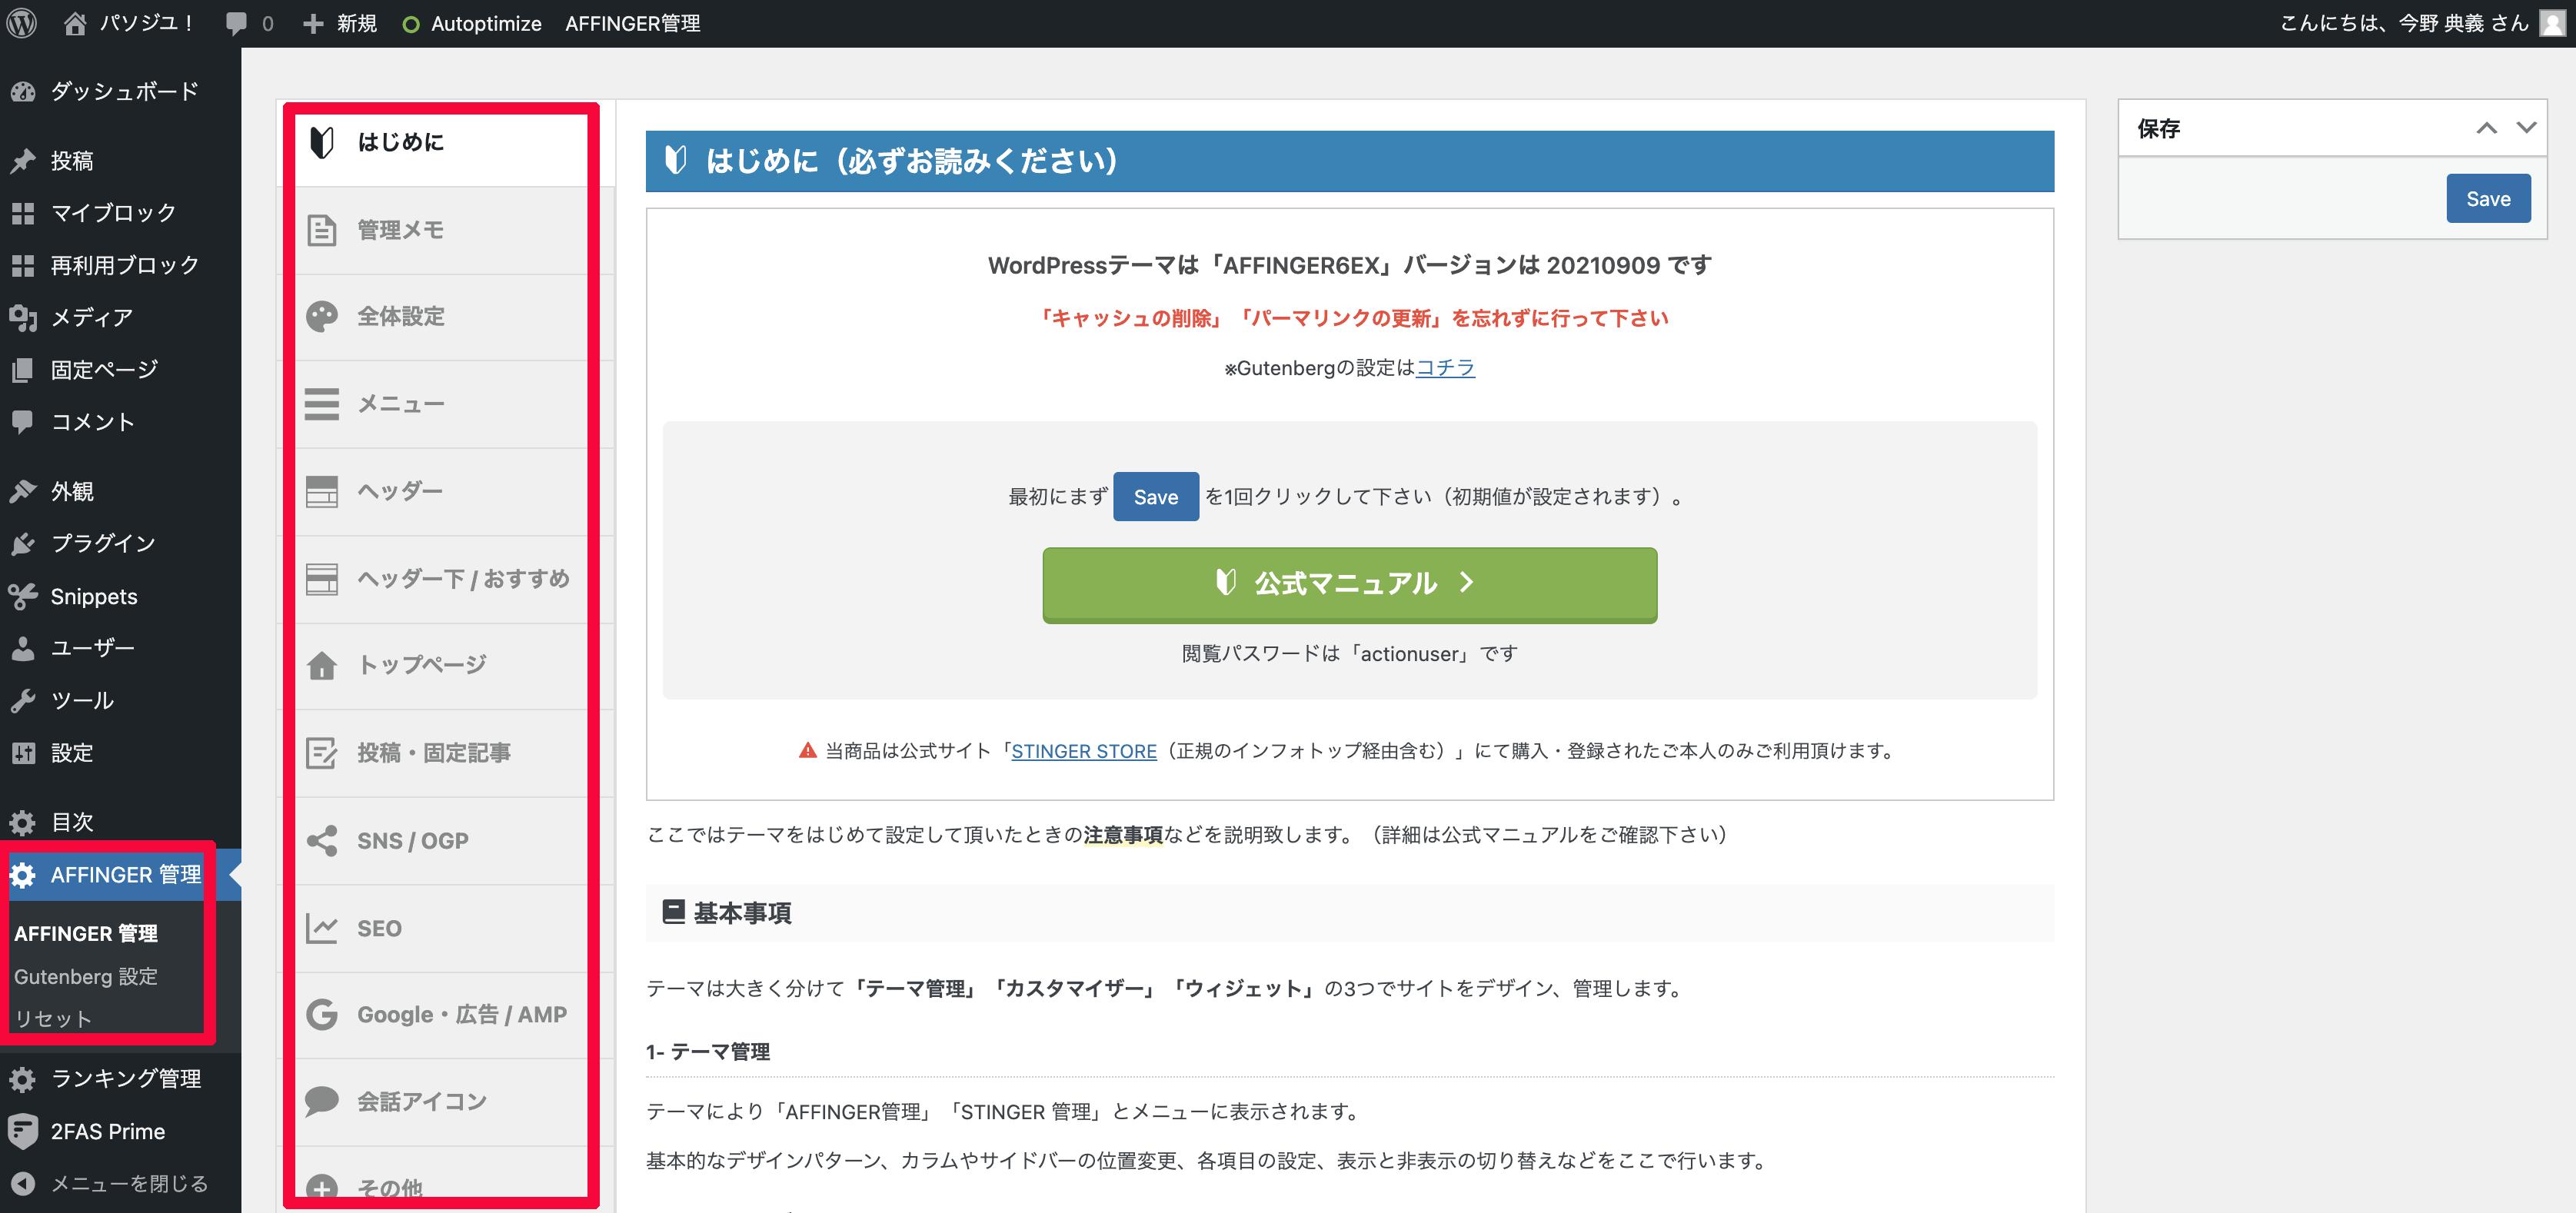 AFFINGER6-独自の設定.png